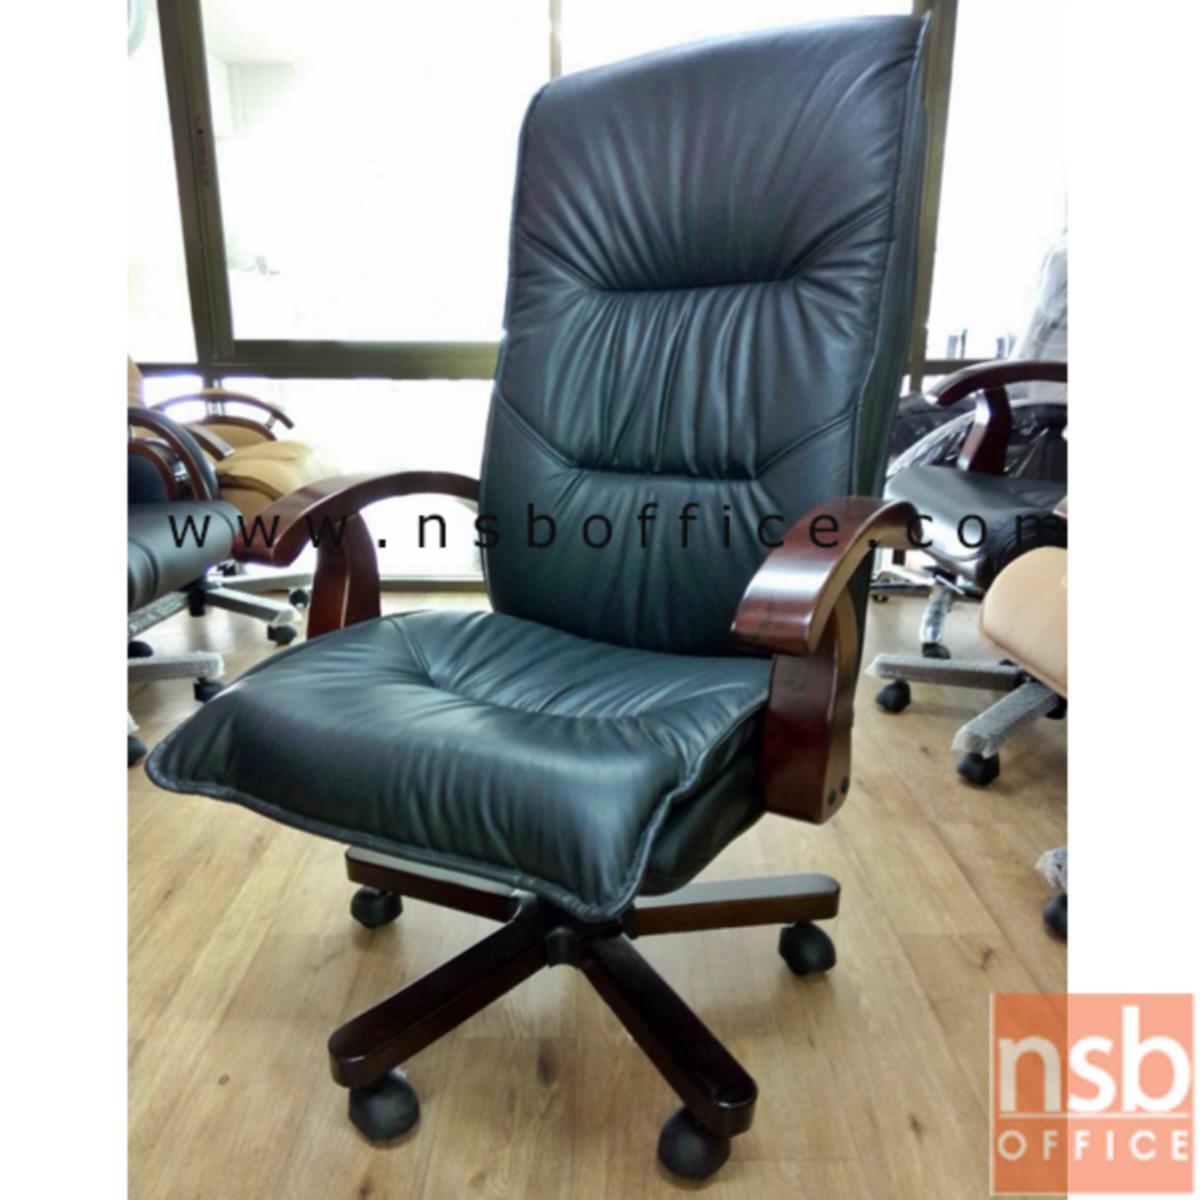 เก้าอี้ผู้บริหารหนังแท้ รุ่น Kravitz (แครวิตซ์)  โช๊คแก๊ส มีก้อนโยก ขาไม้